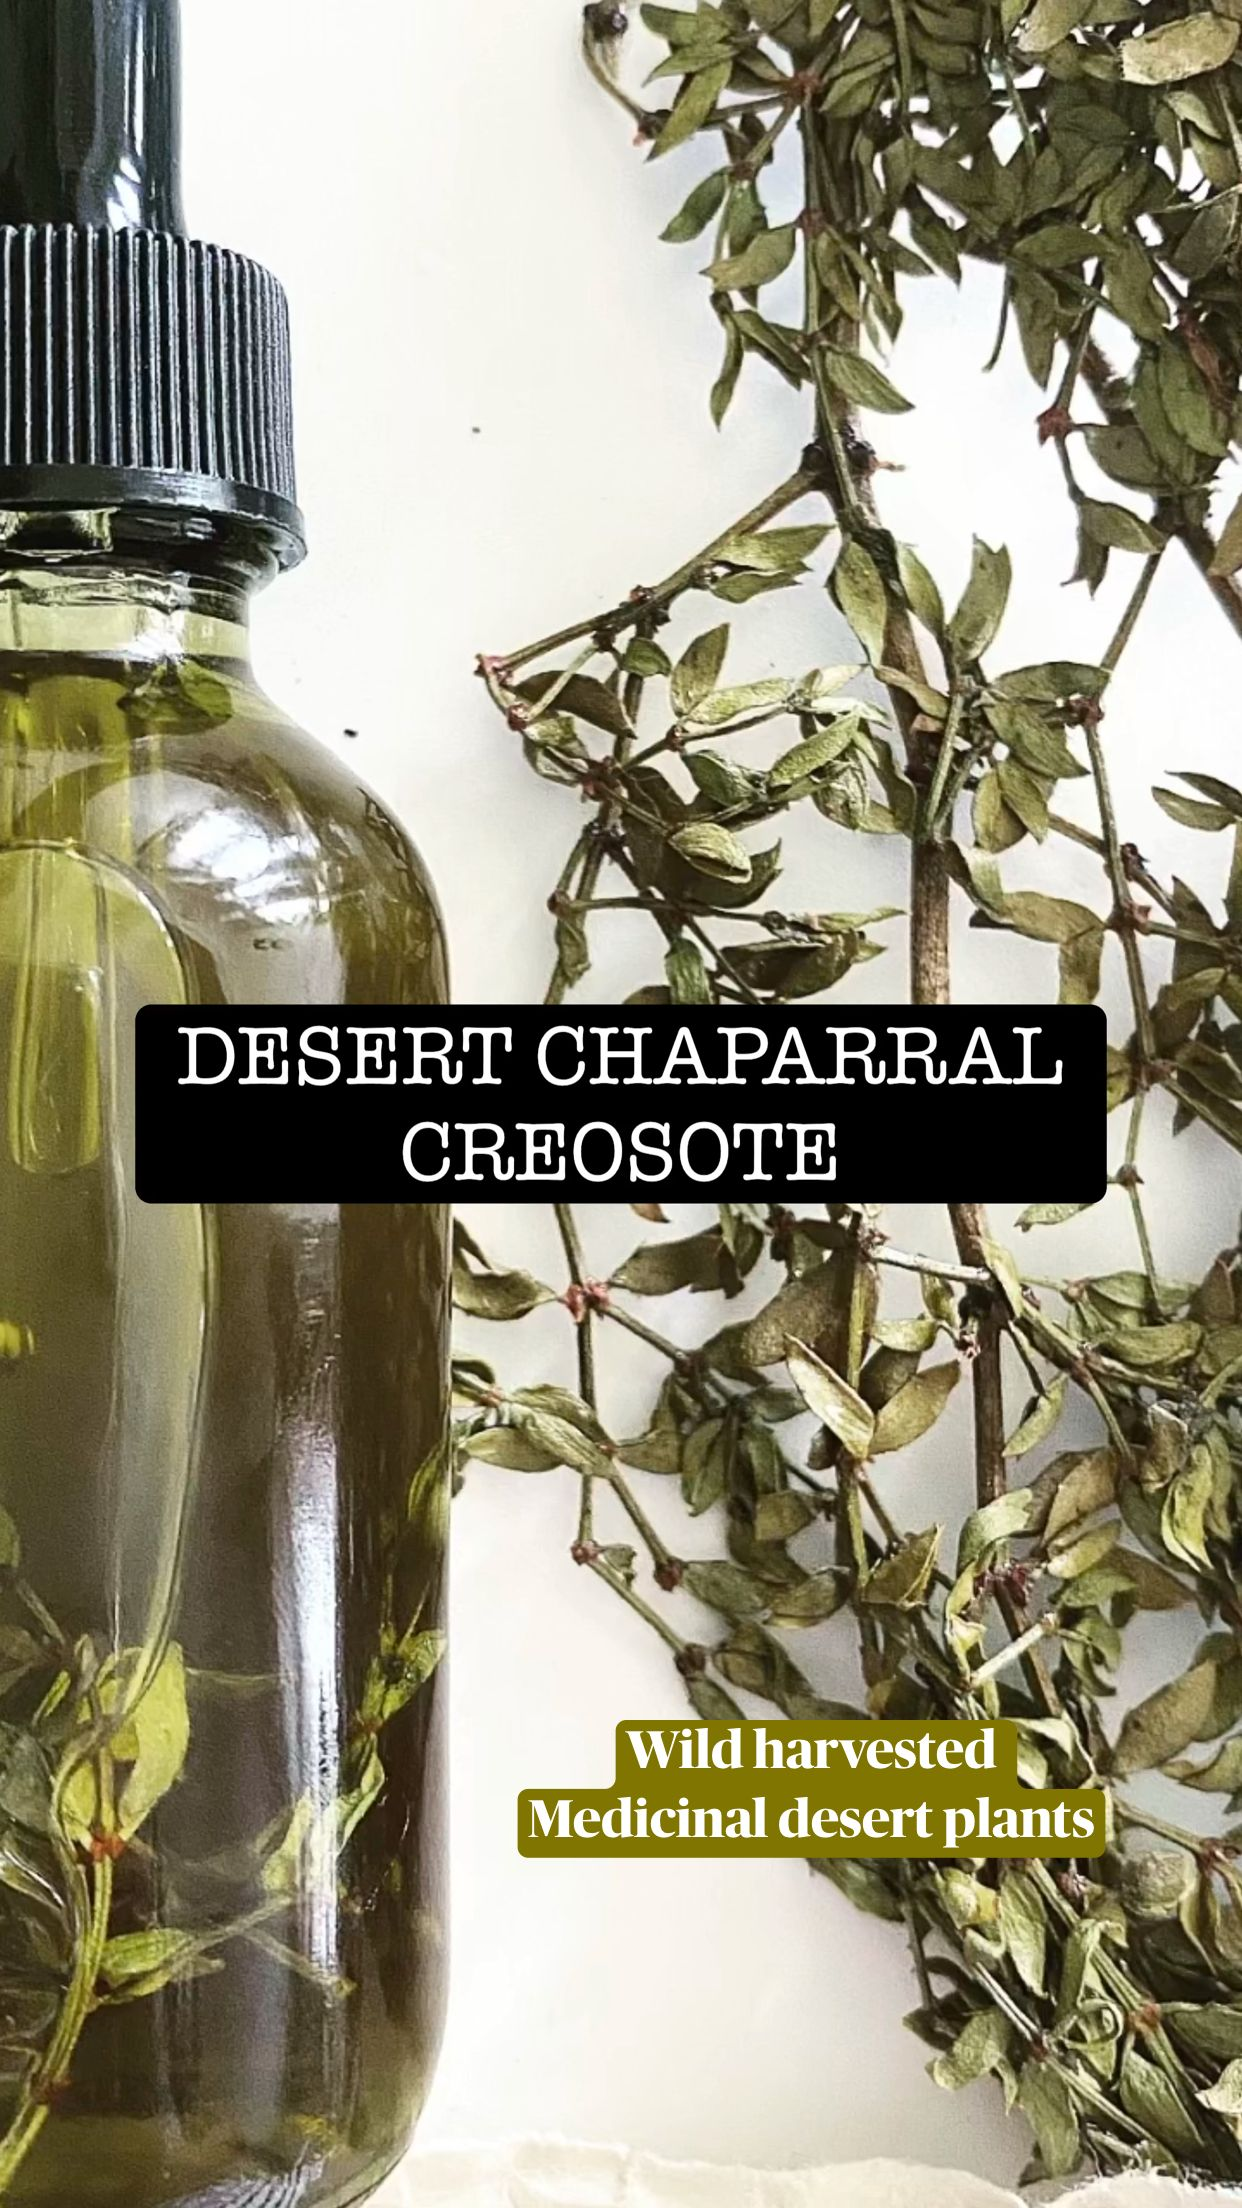 Wild harvested  Medicinal desert plants